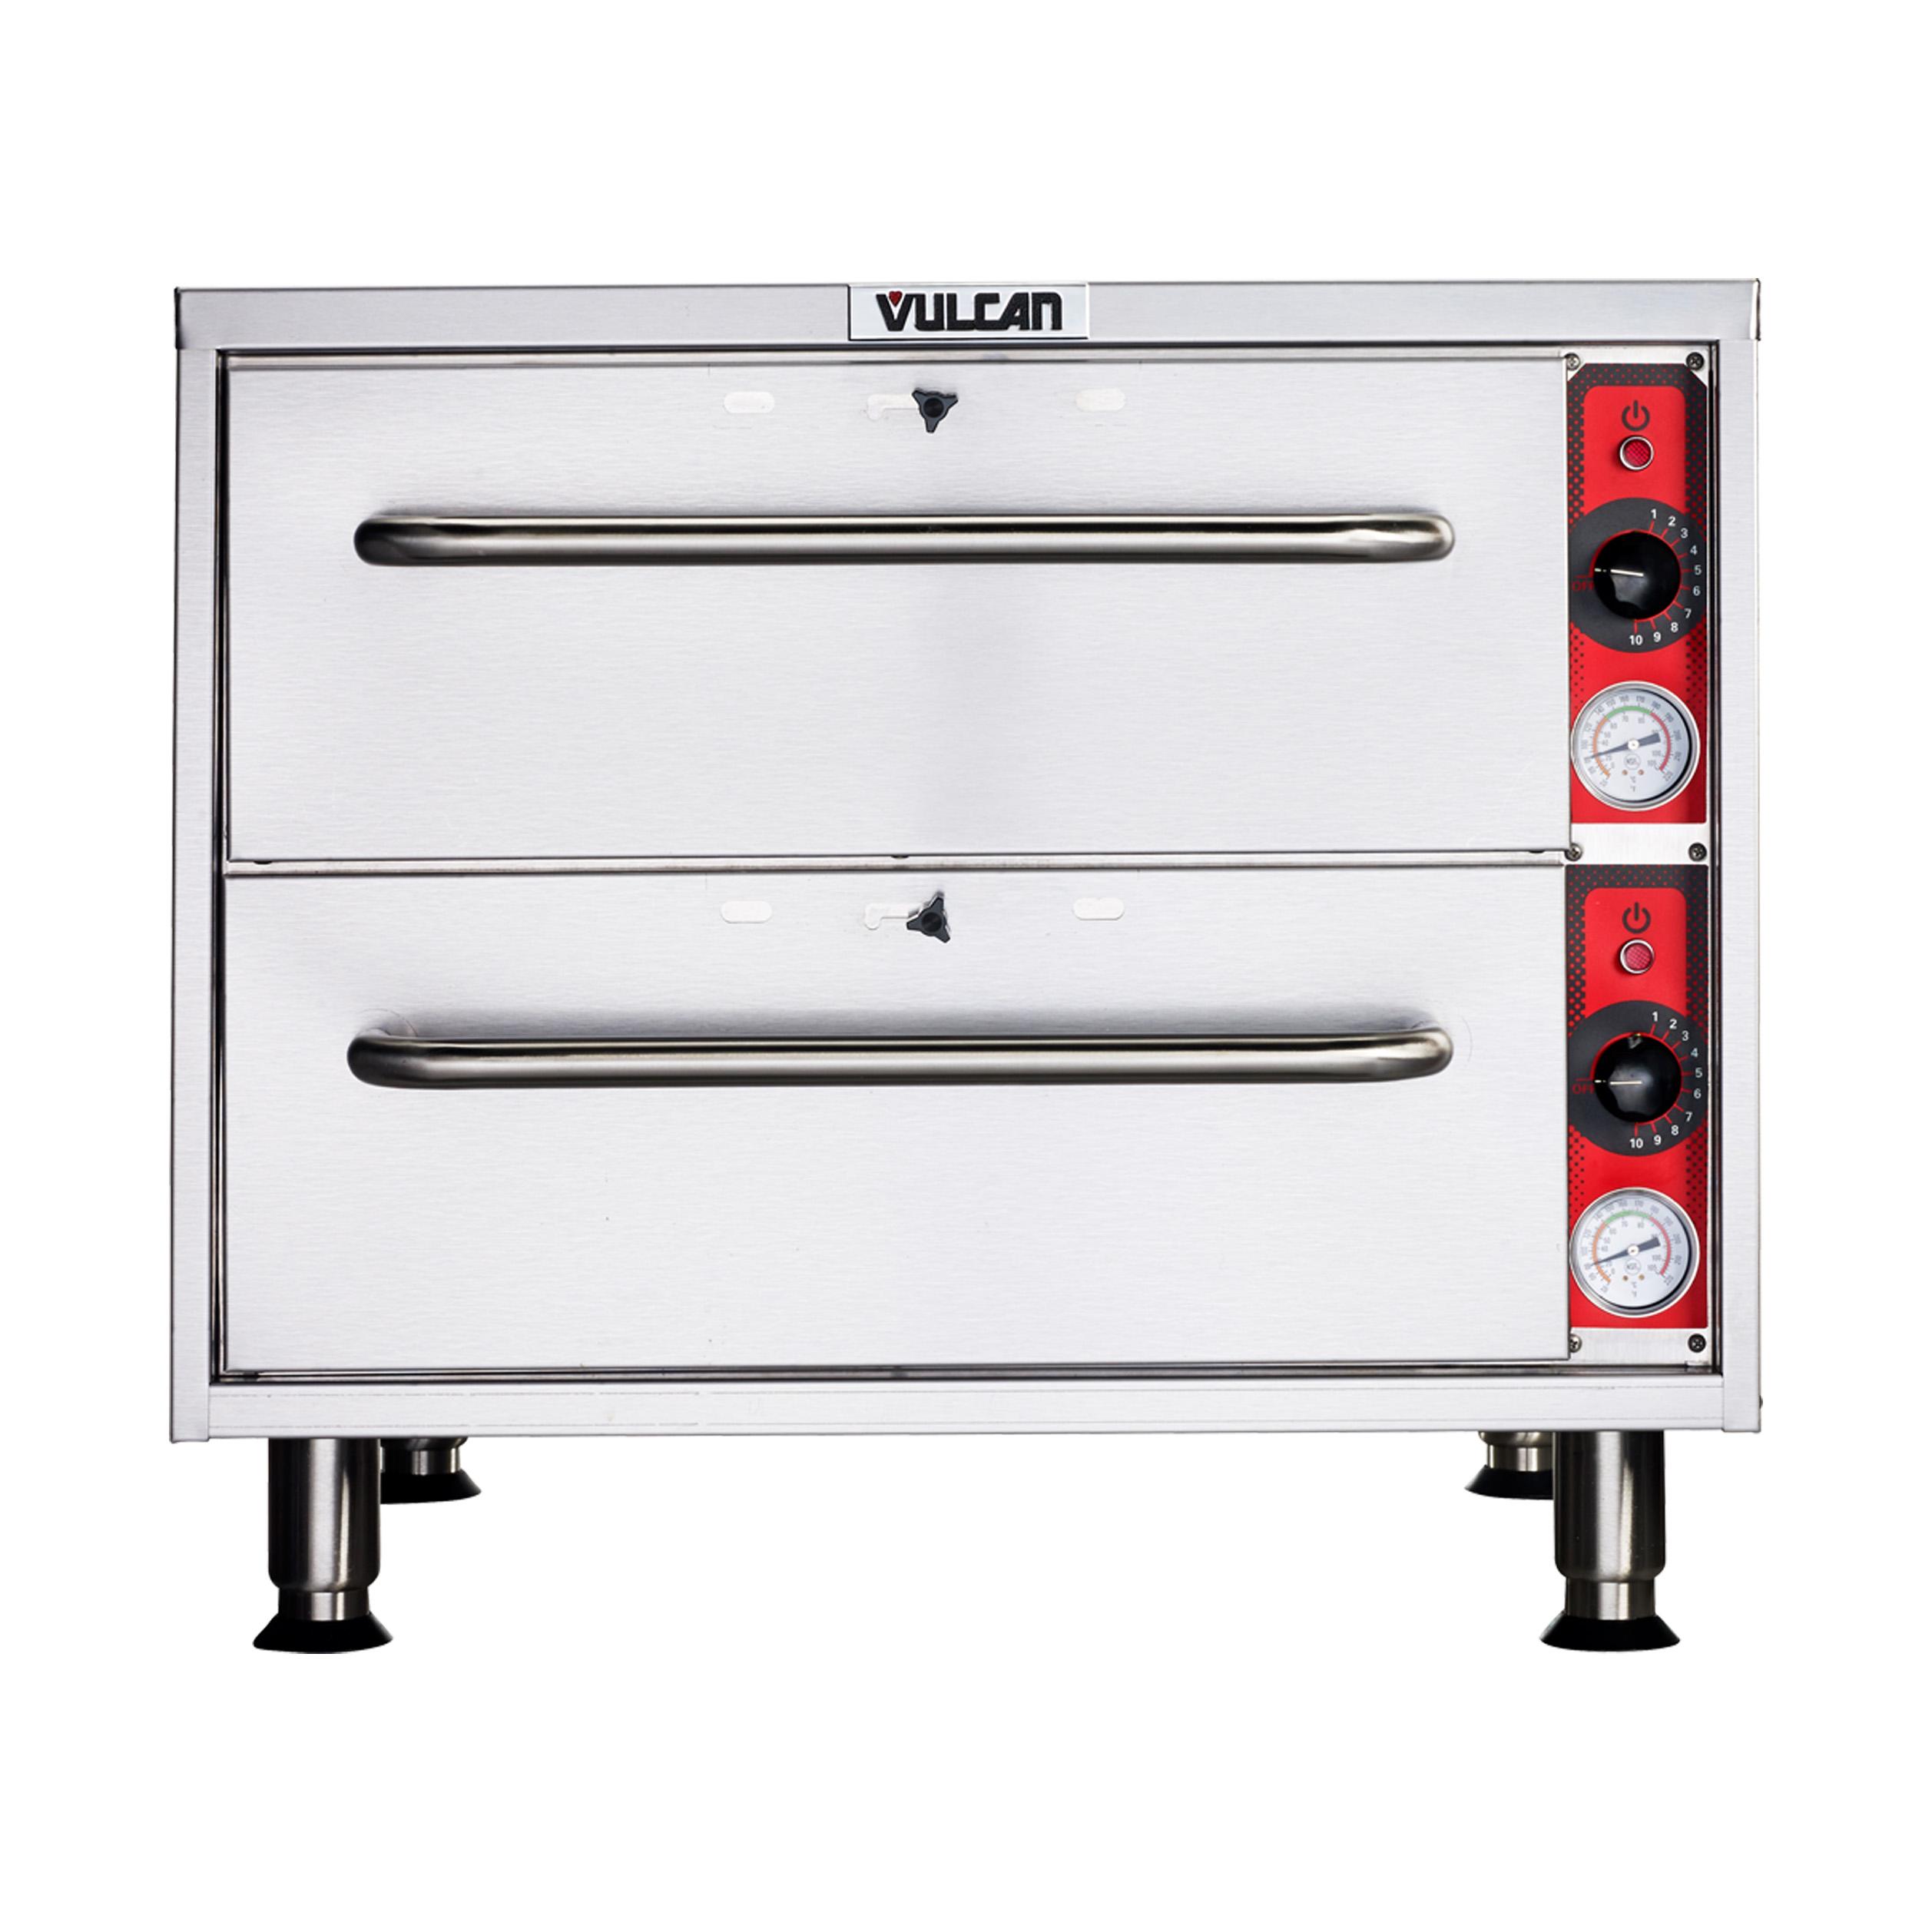 Vulcan VSL1 warming drawer, free standing